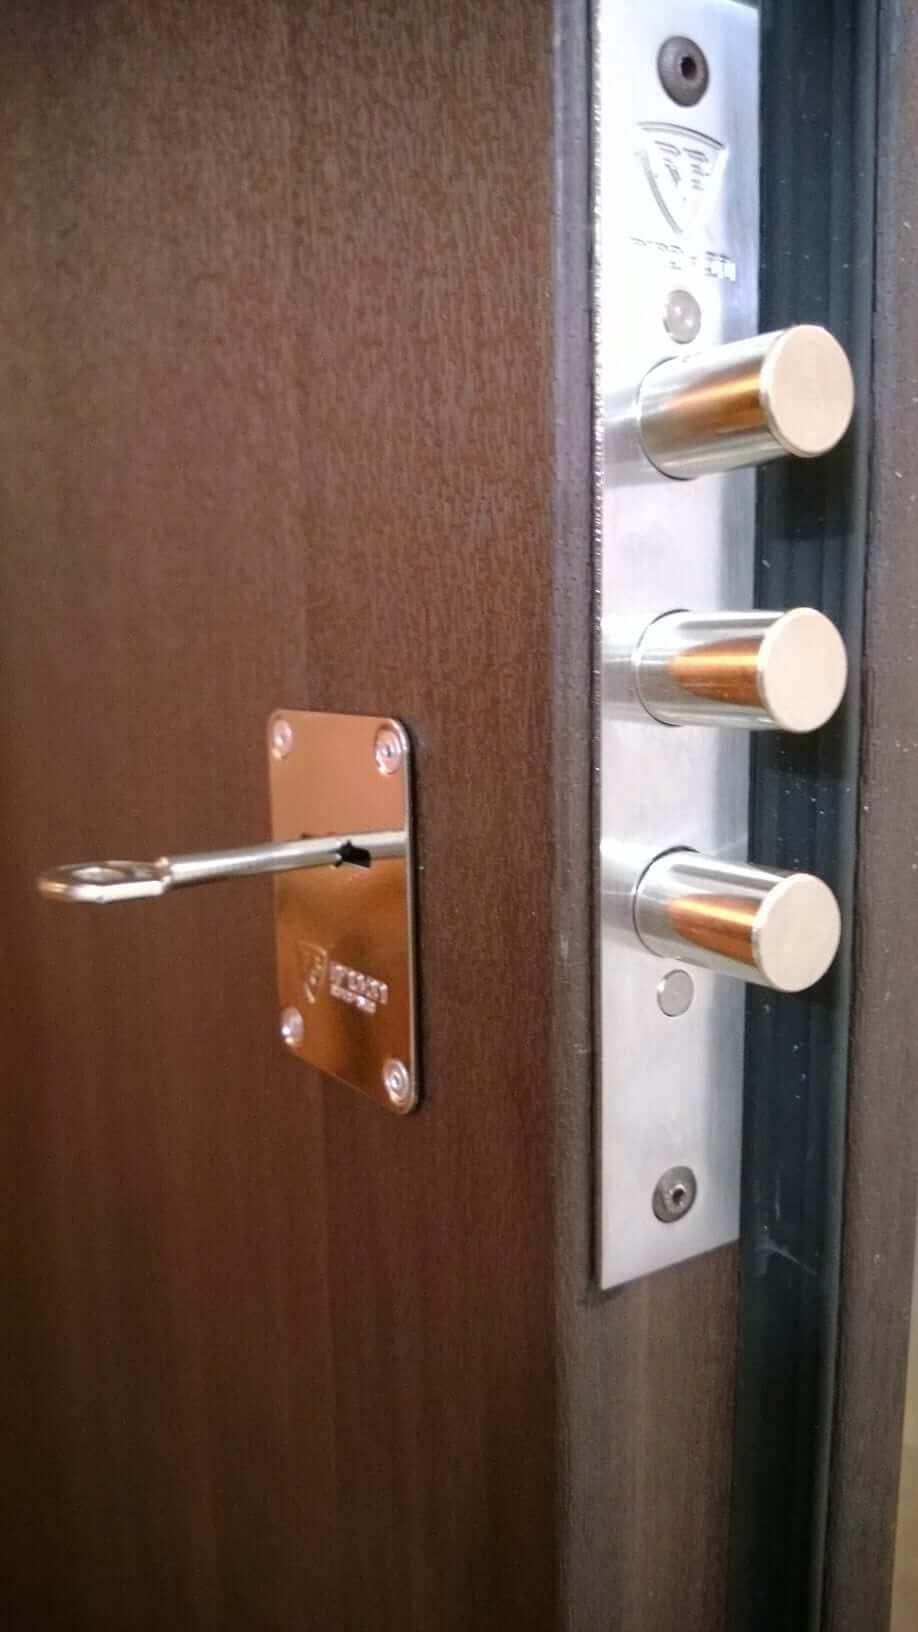 פנטסטי מנעול כספת לדלת מיצאת-צדיק רק- ₪449 | שירות לדלת רב בריח 24-7 AM-99